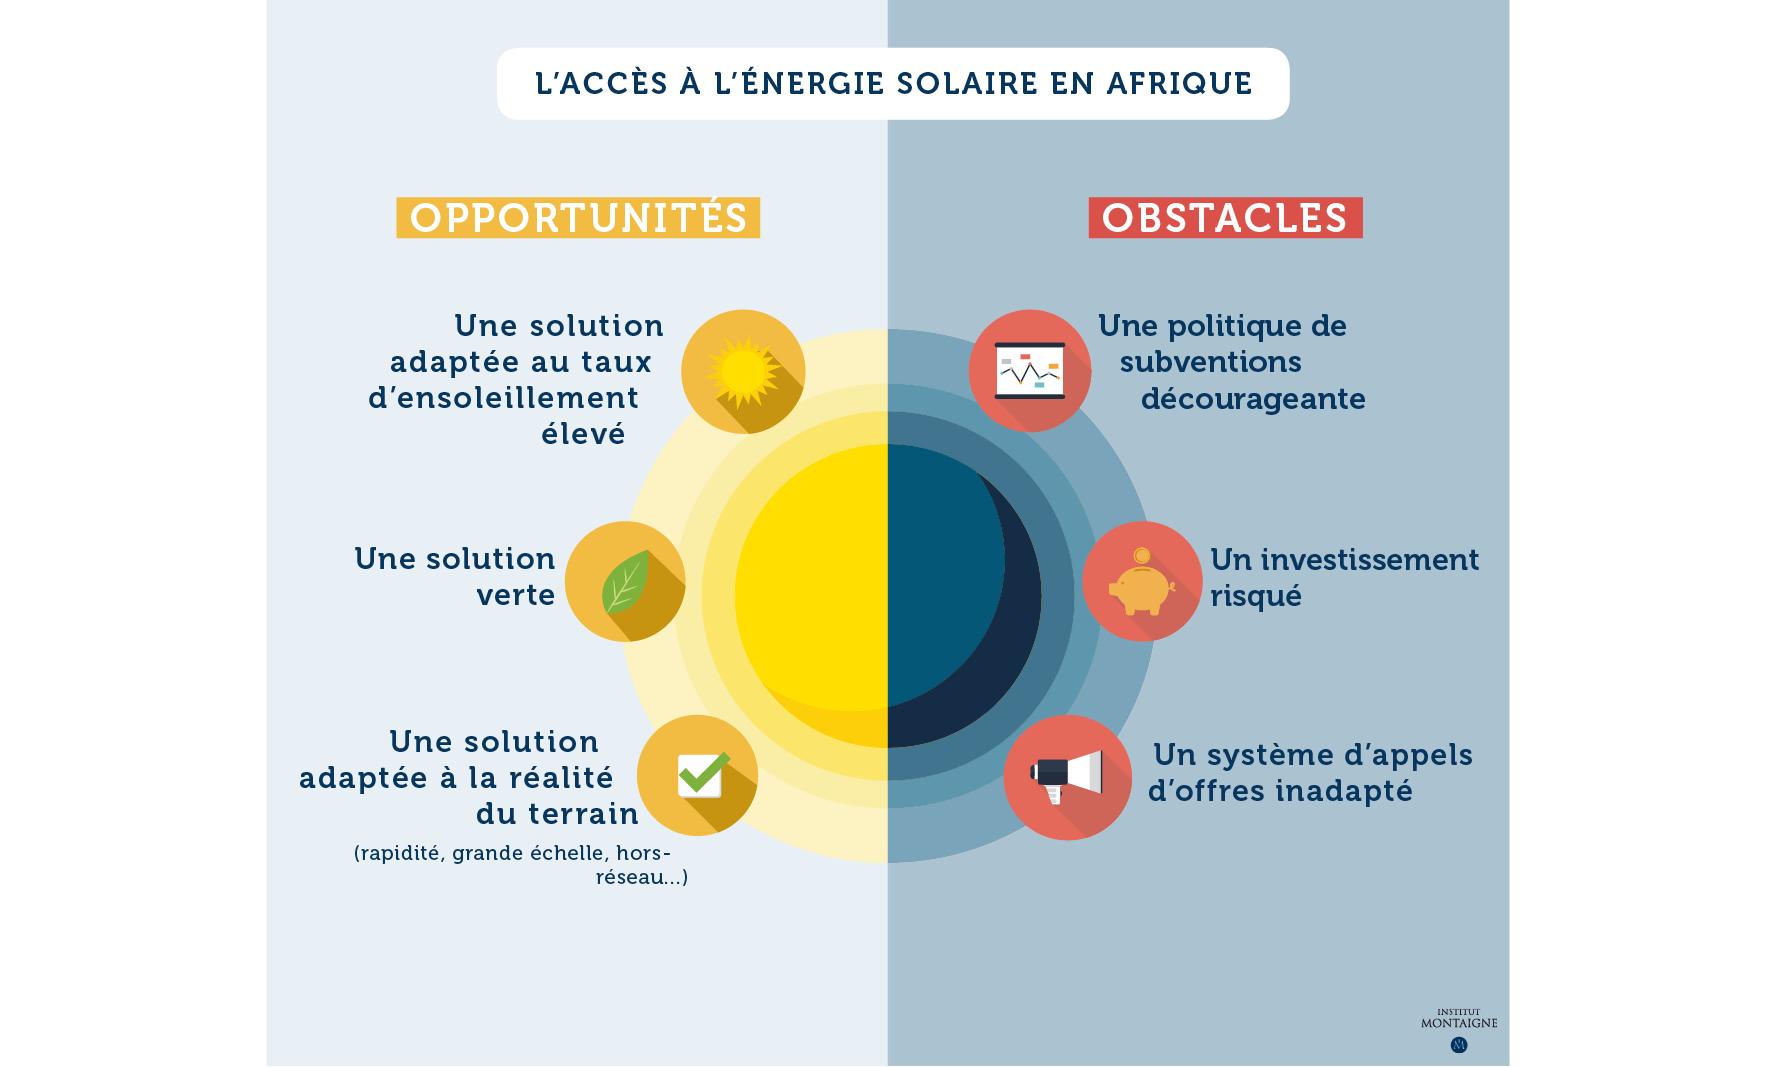 energie-solaire-en-afrique-un-avenir-rayonnant.jpg